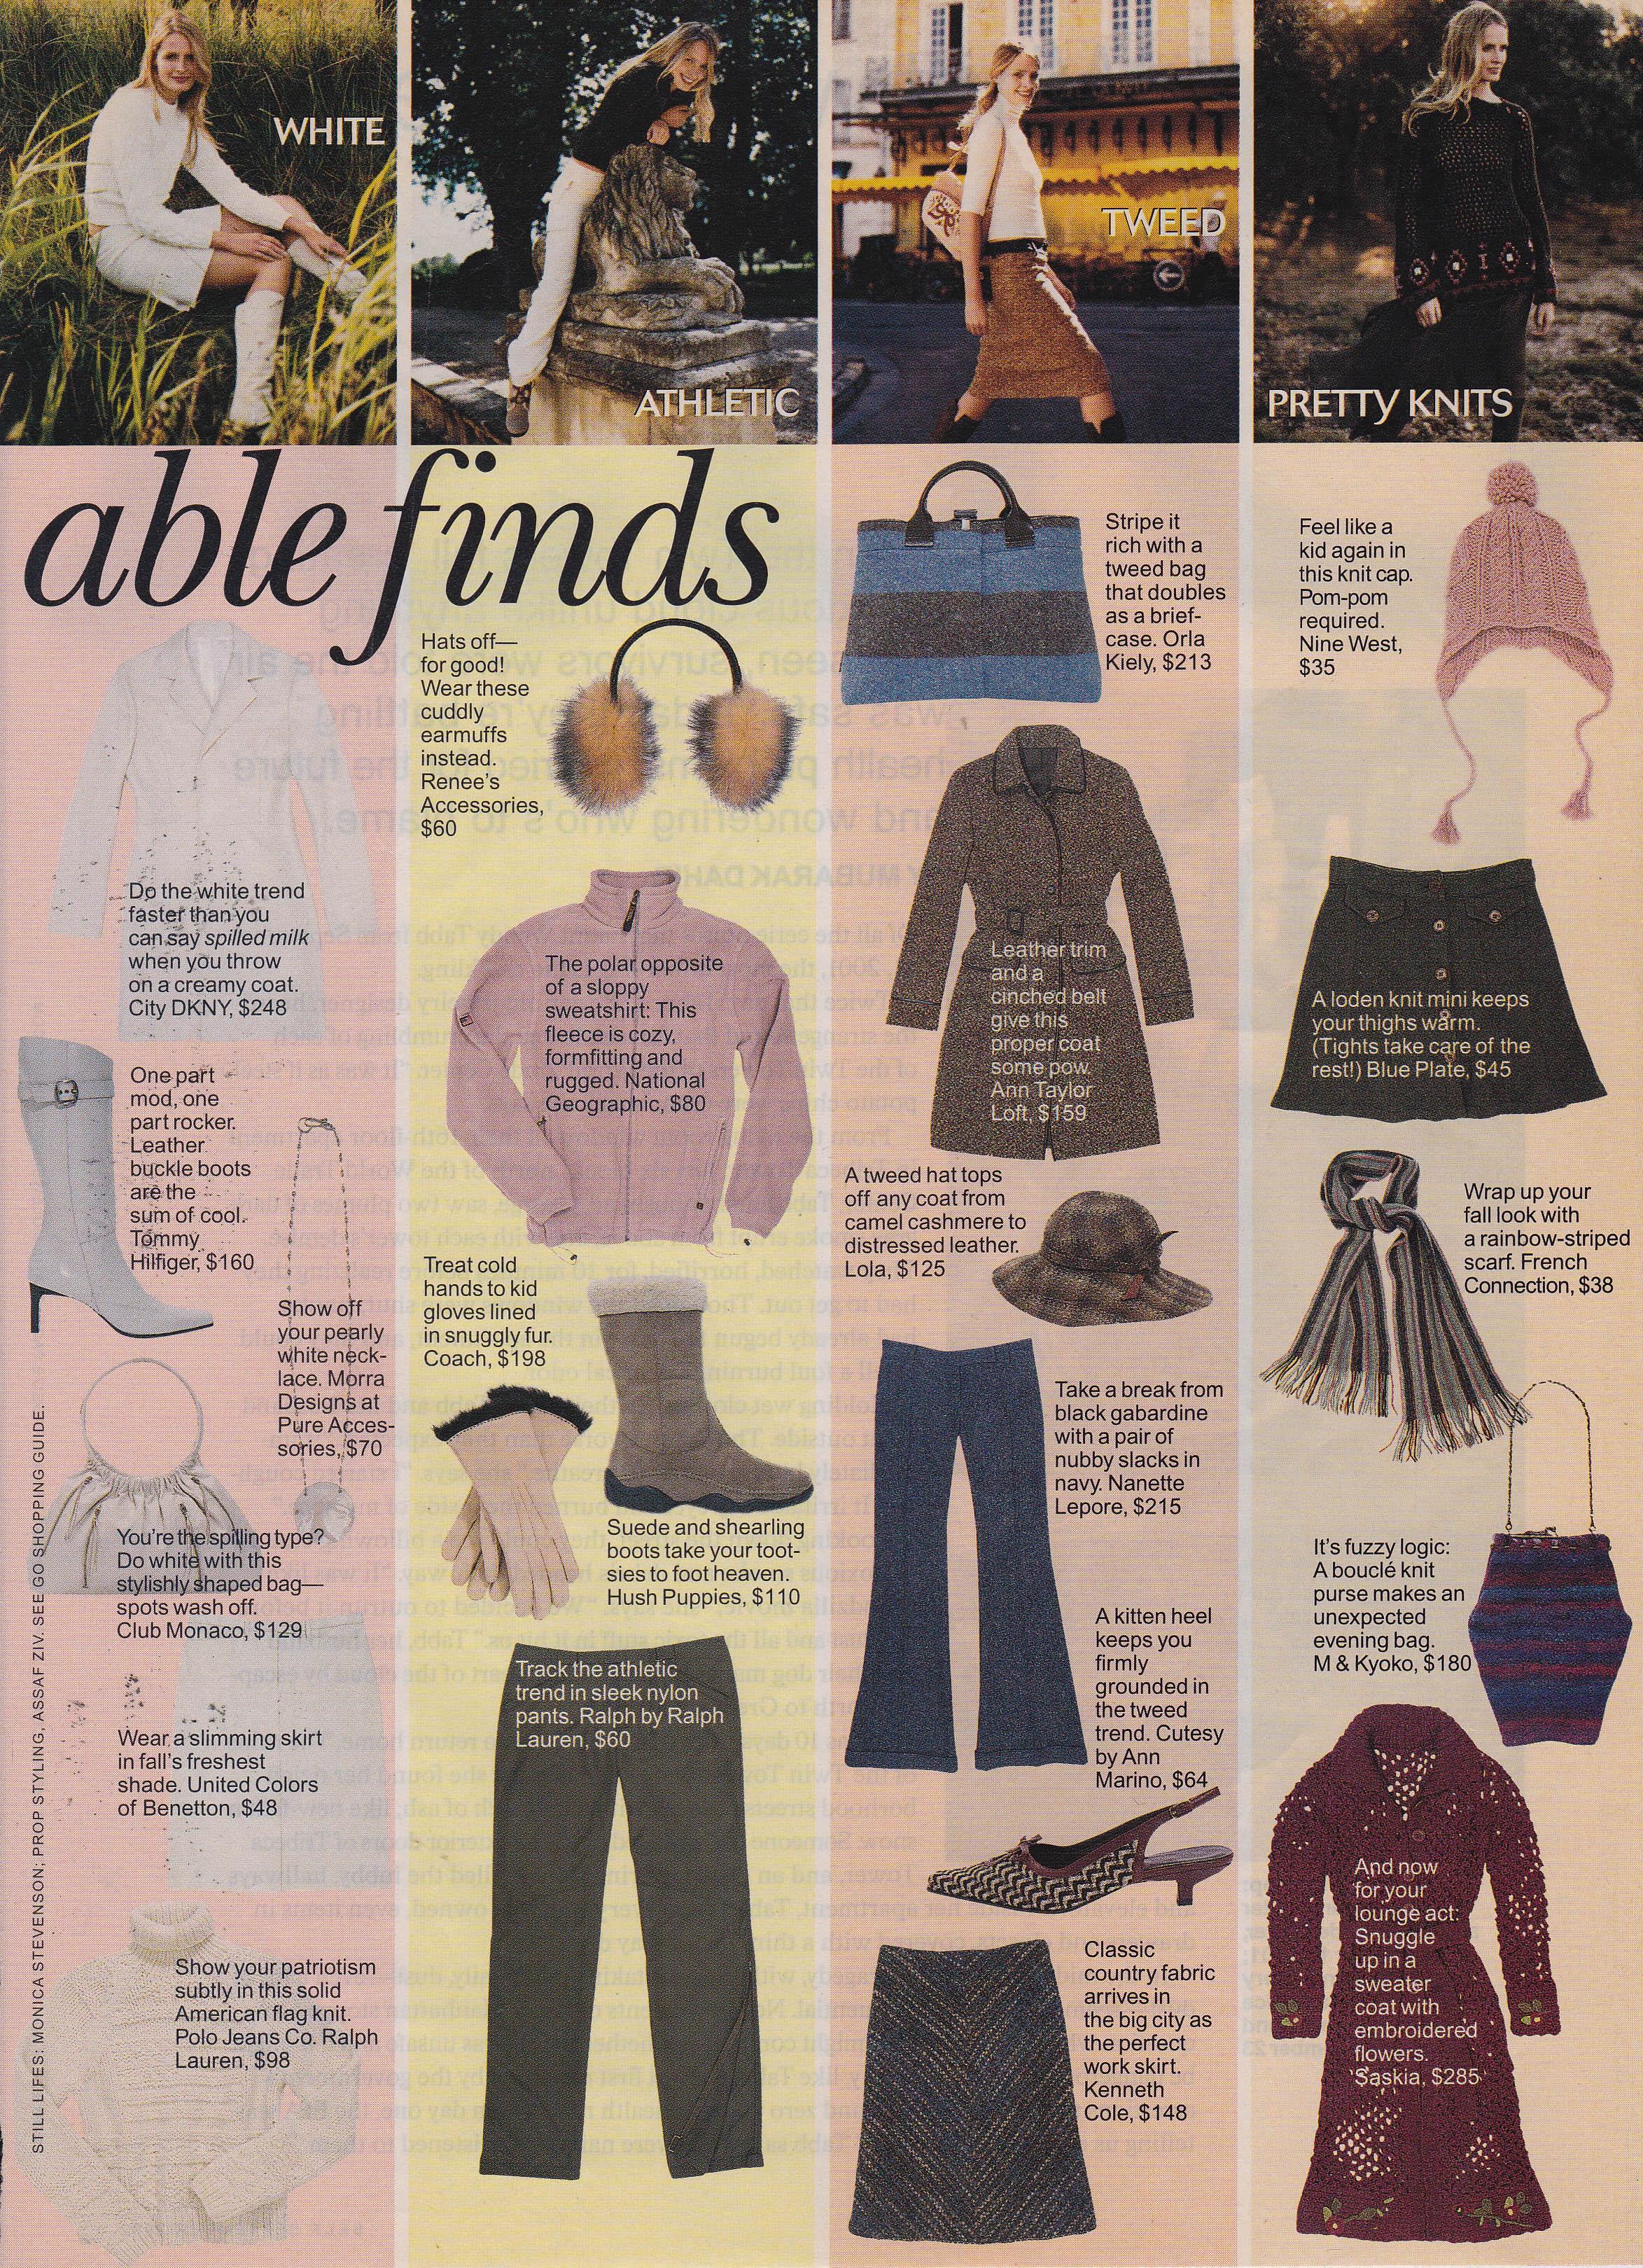 September 2002 Self Magazine